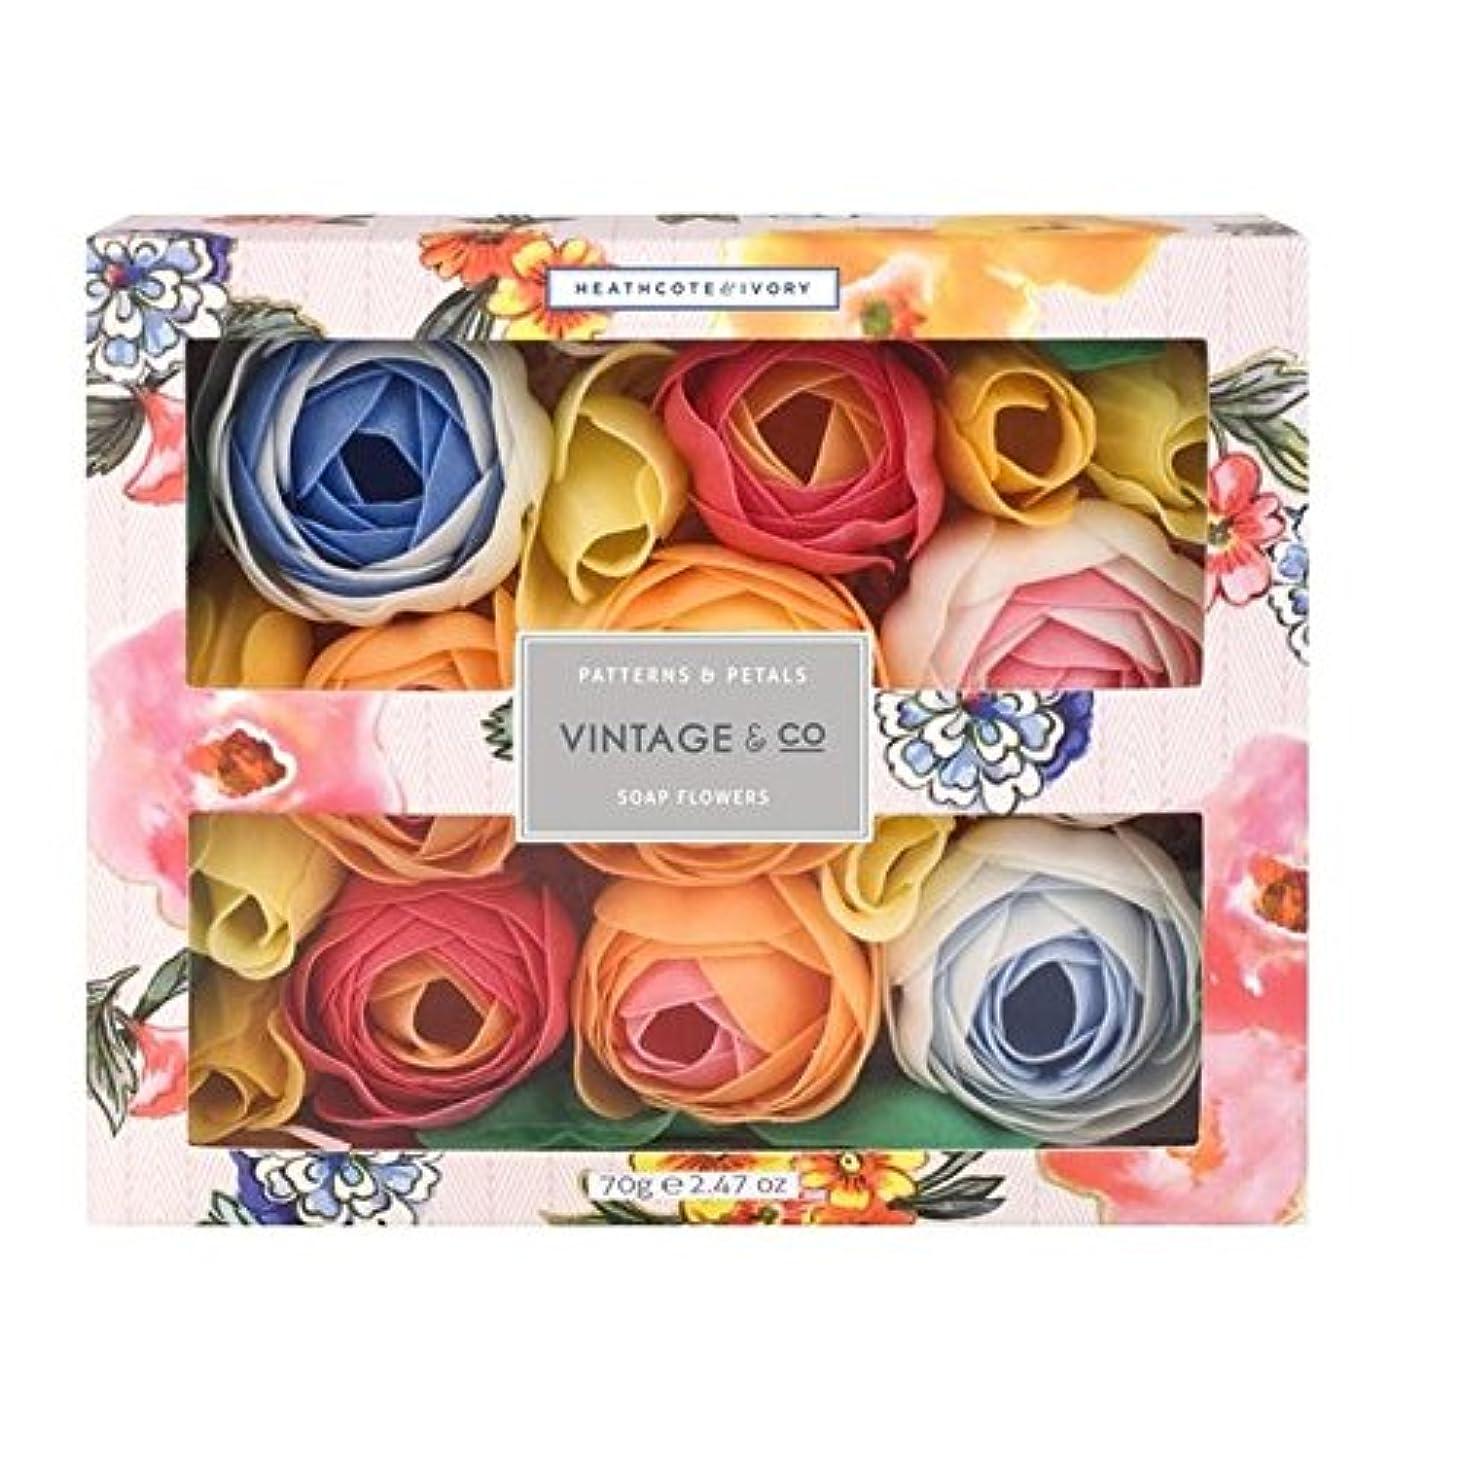 ステップ不満駐地Heathcote & Ivory Patterns & Petals Soap Flowers 70g (Pack of 6) - ヒースコート&アイボリーパターン&花びら石鹸の花70グラム x6 [並行輸入品]